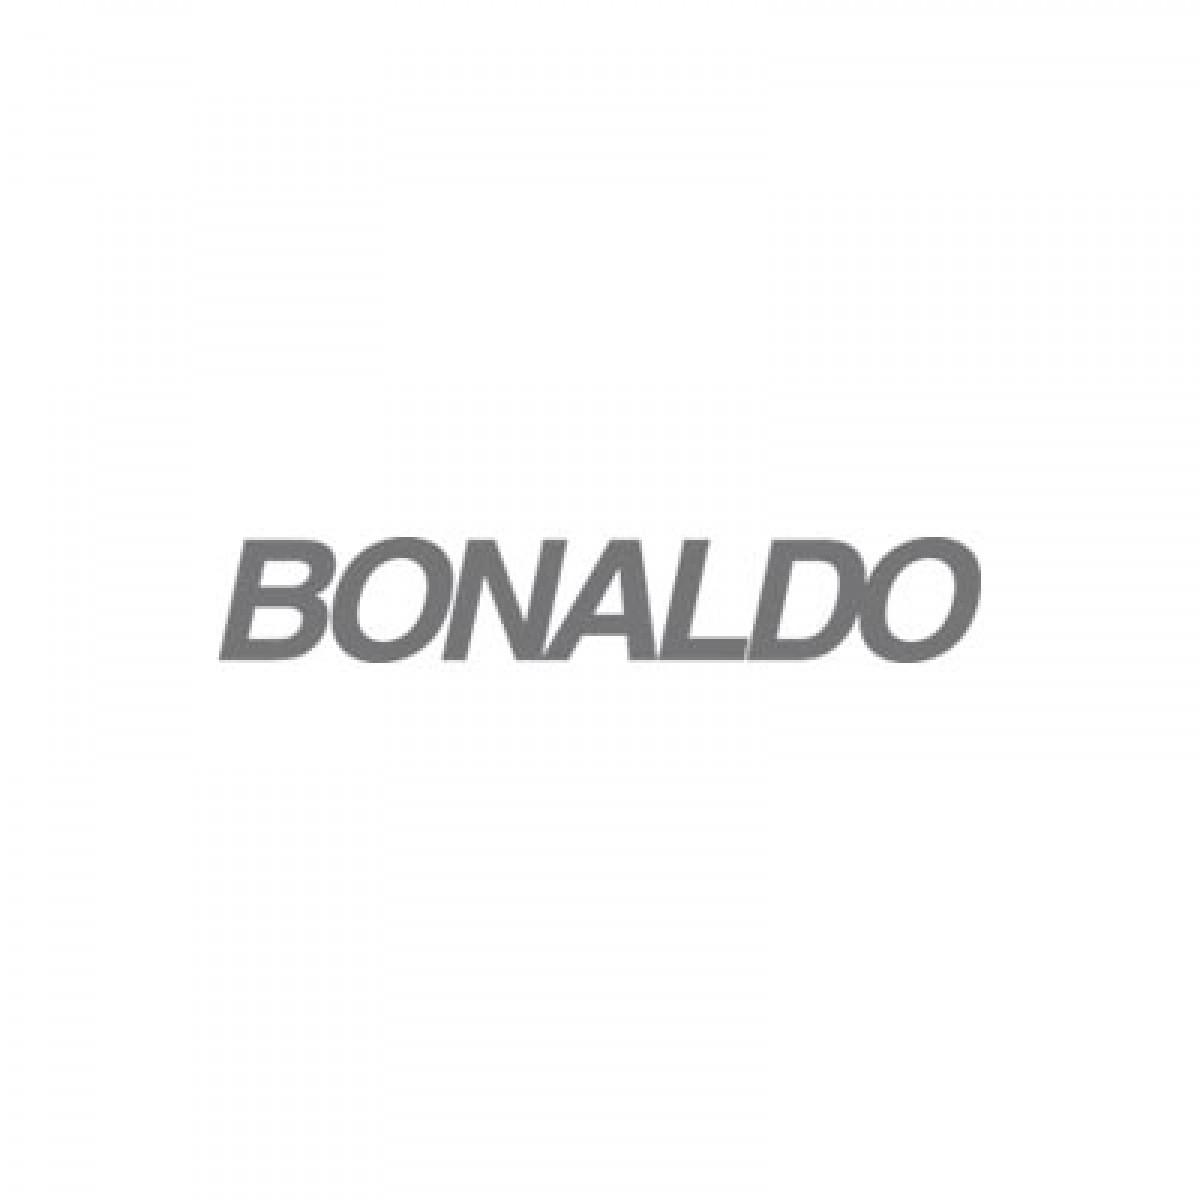 Bonaldo rivenditore autorizzato palermo scillufo - Bonaldo outlet ...